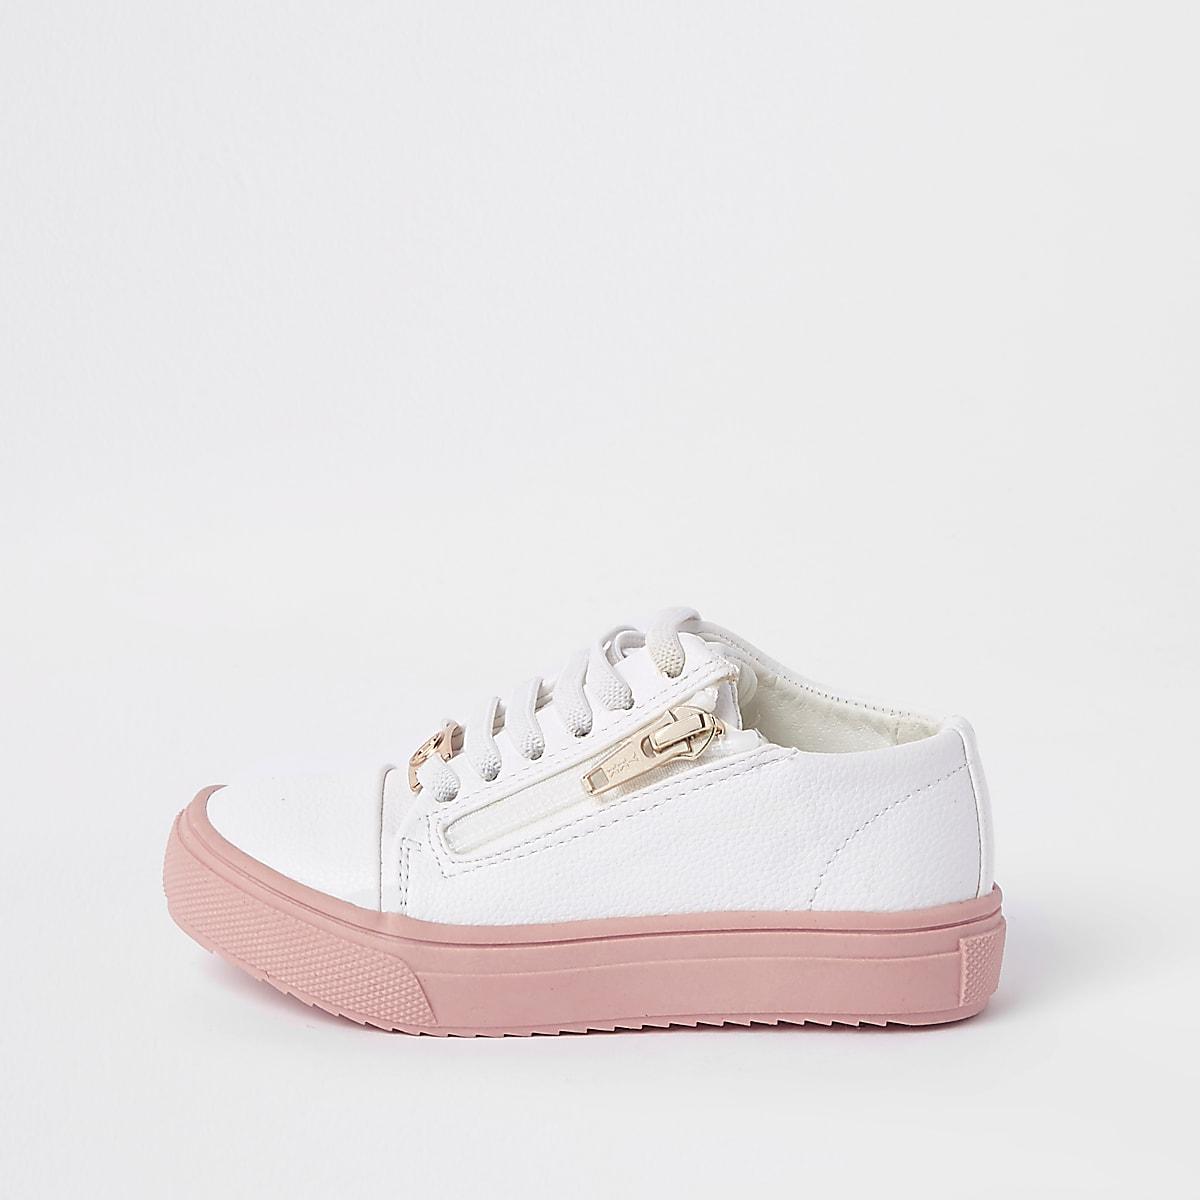 Mini - Witte sneakers met ritssluiting voor meisjes